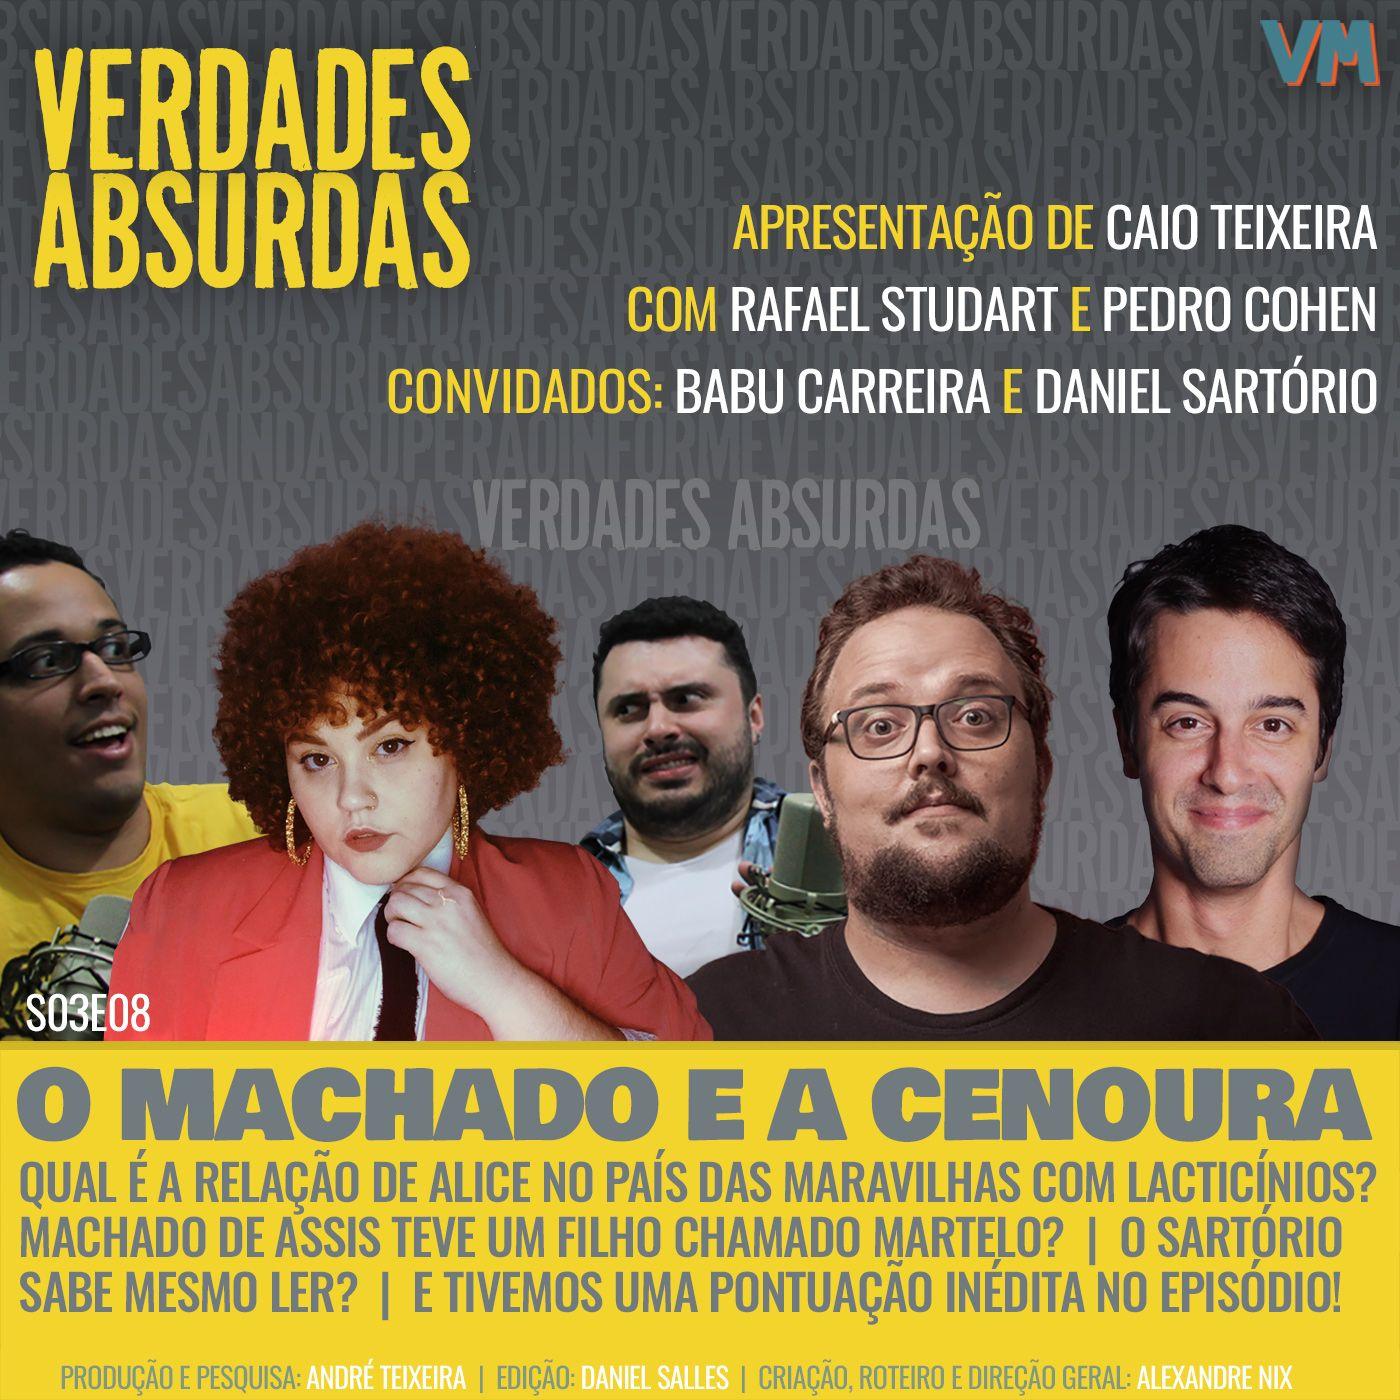 S03E08 - Com Babu Carreira, Daniel Sartório e Rafael Studart